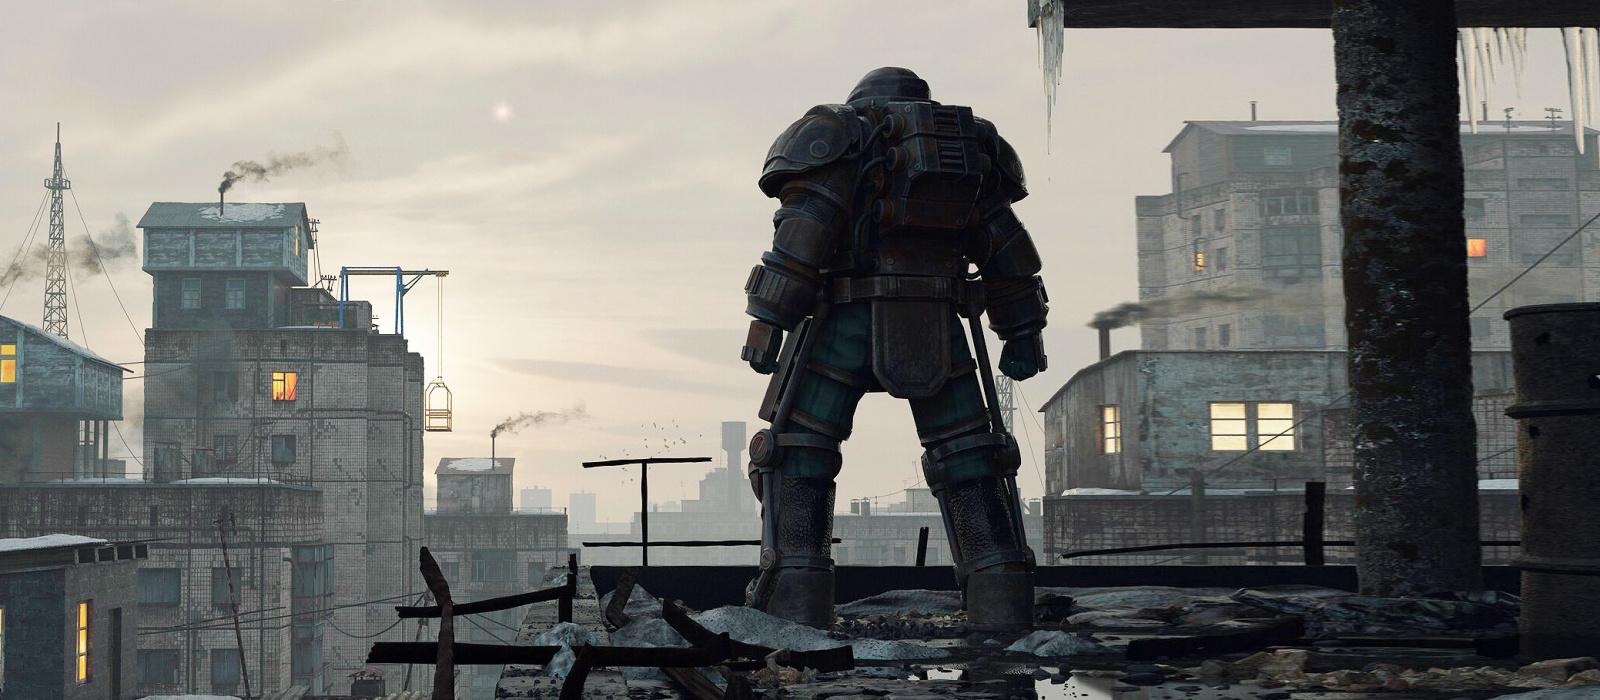 """91% Bewertung auf Steam – ein einheimisches Rollenspiel namens """"Russian Fallout"""" wurde auf dem PC veröffentlicht"""